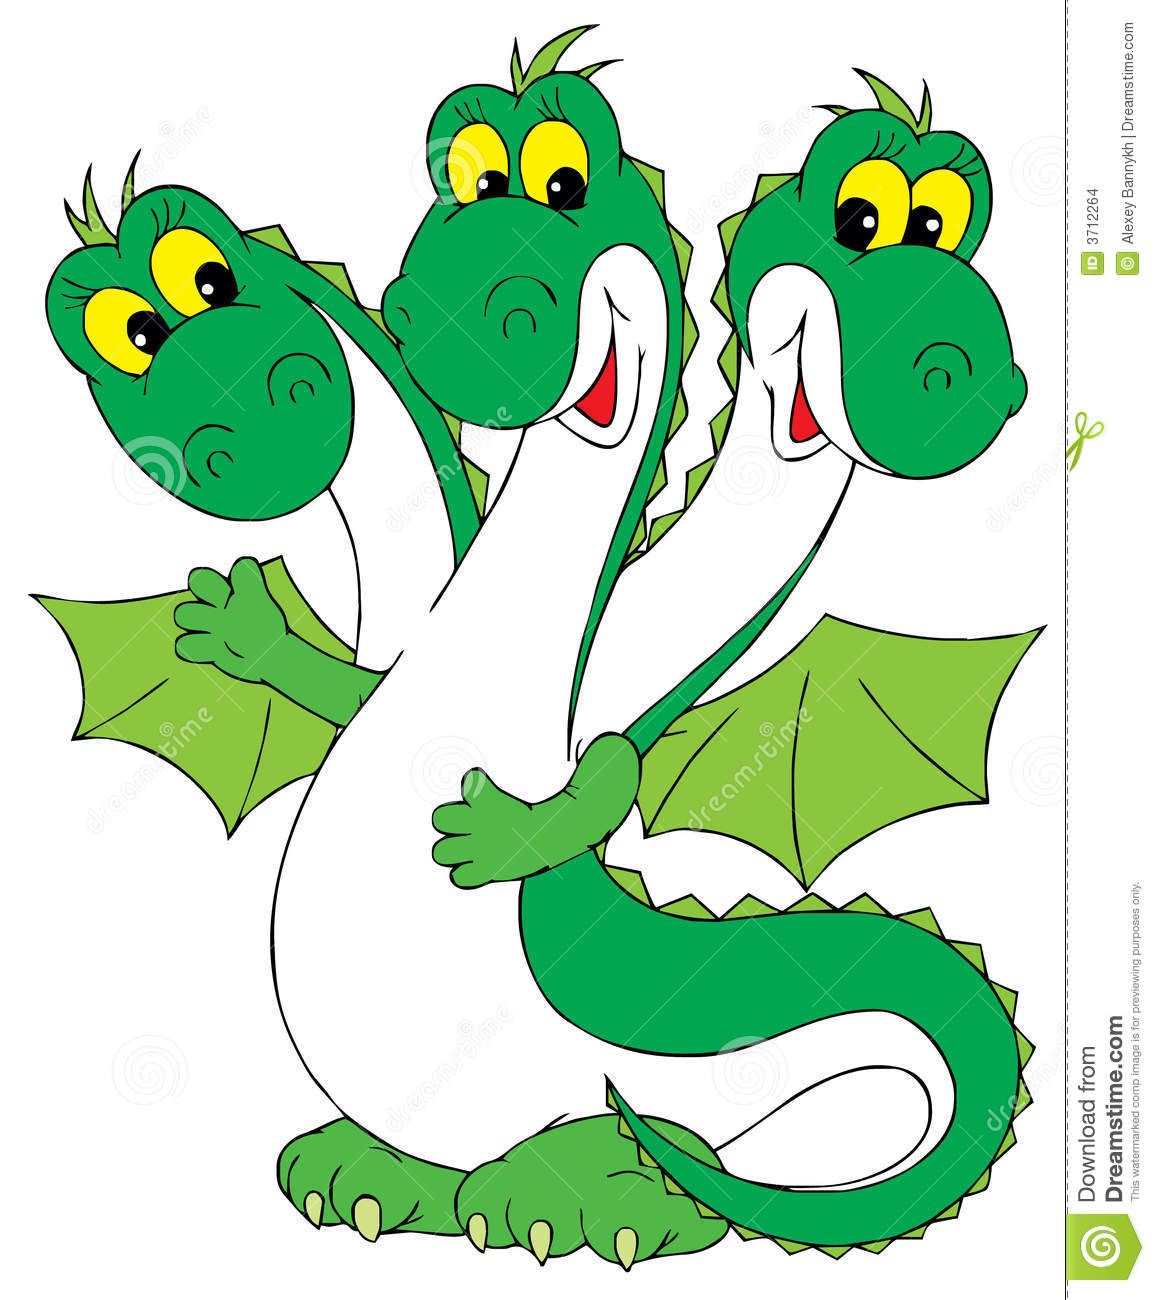 1155x1300 Clip Art Dragon Images Clip Art